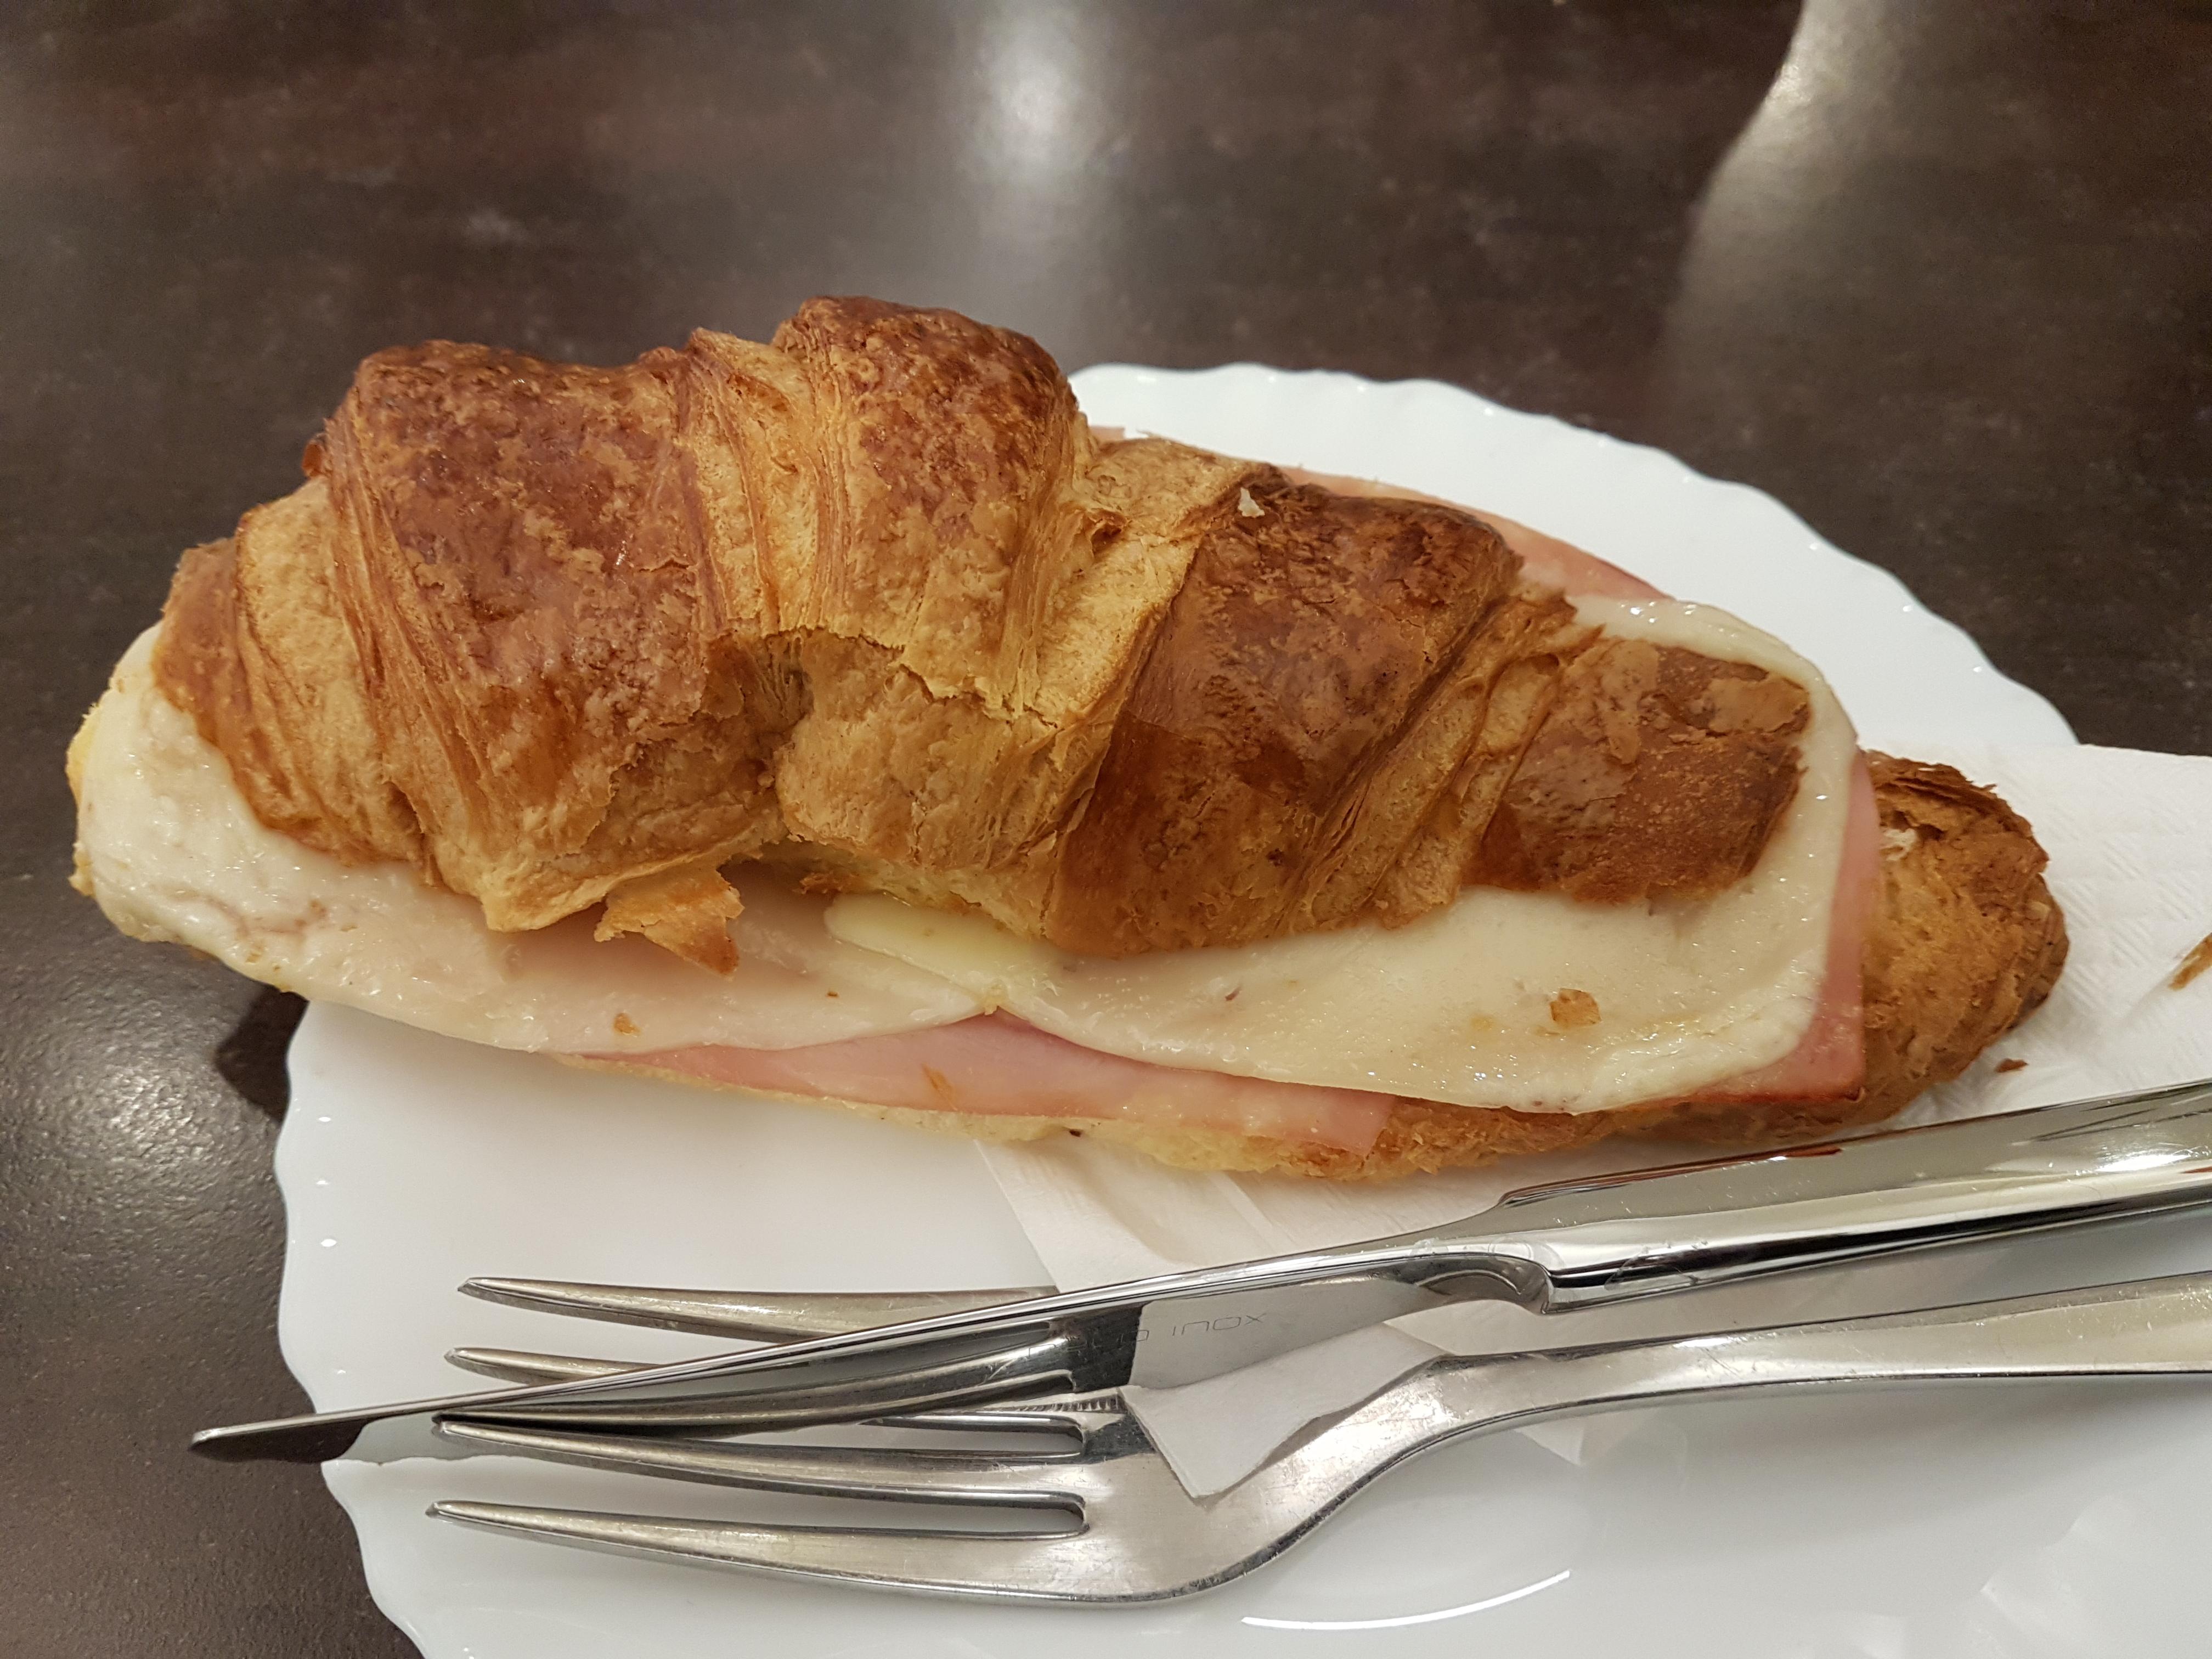 https://foodloader.net/Holz_2019-01-28_Kaese-Schinken-Croissant.jpg